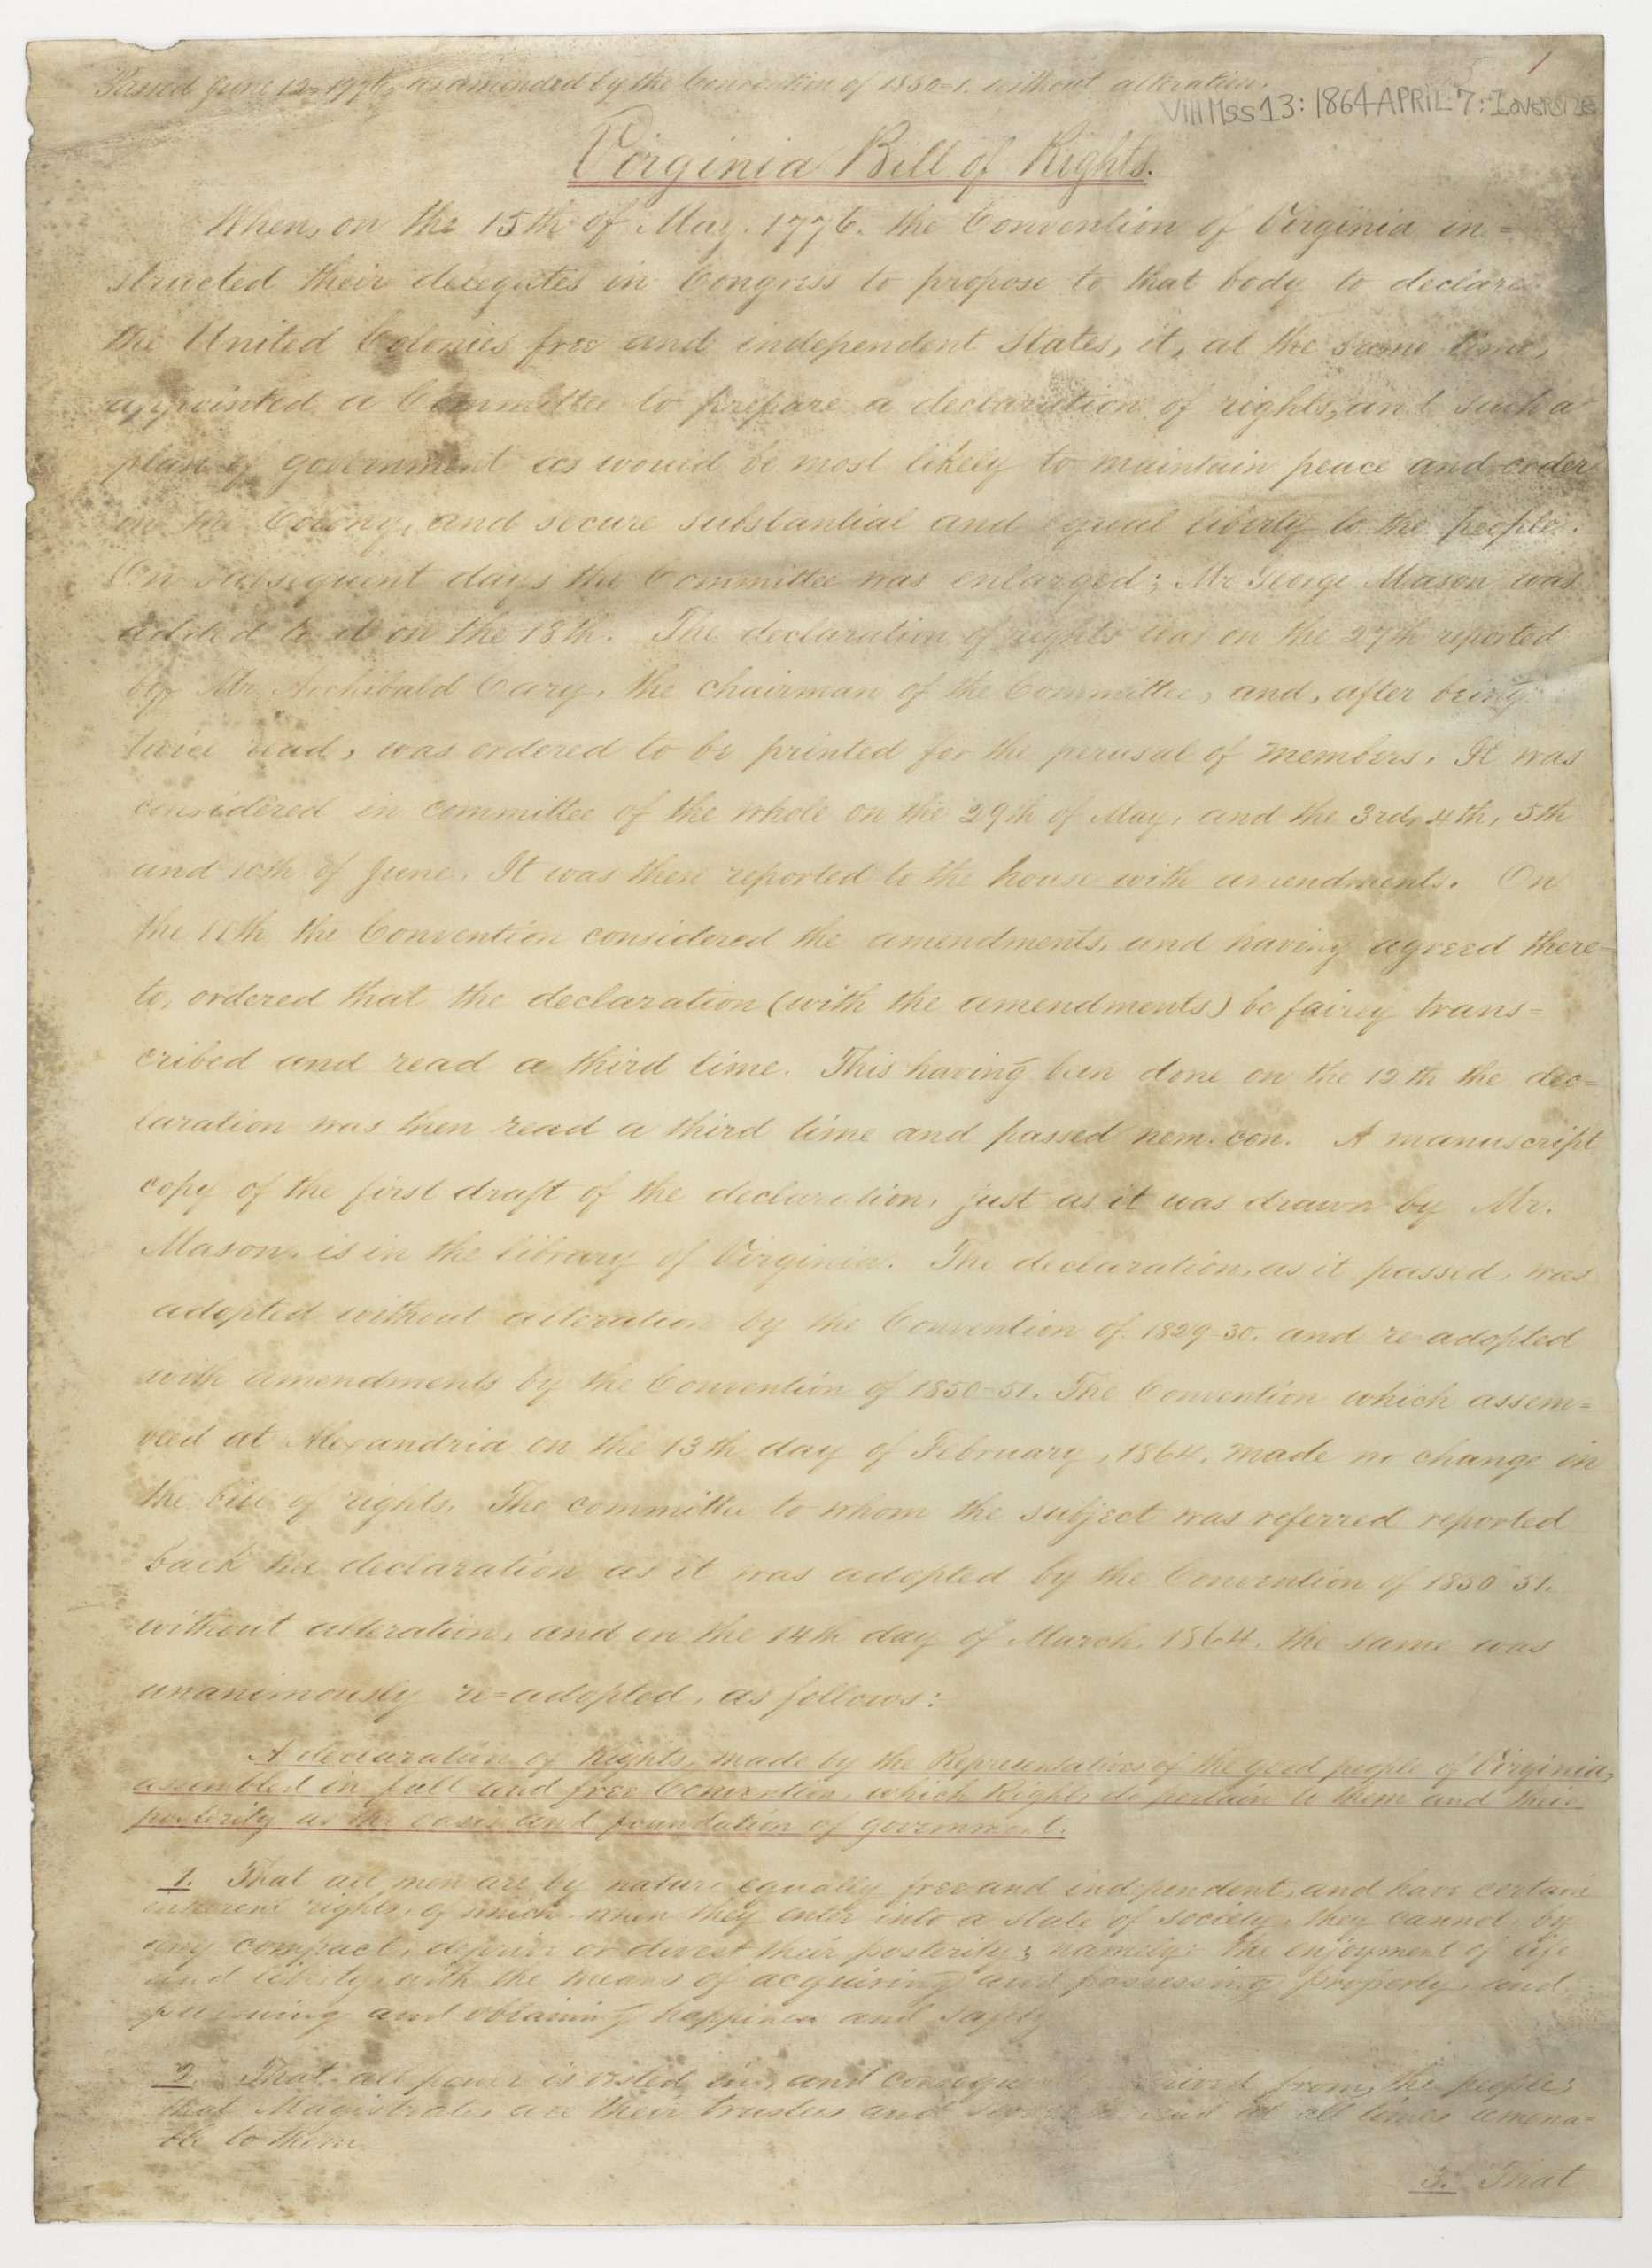 Virginia Bill of Rights (1864)